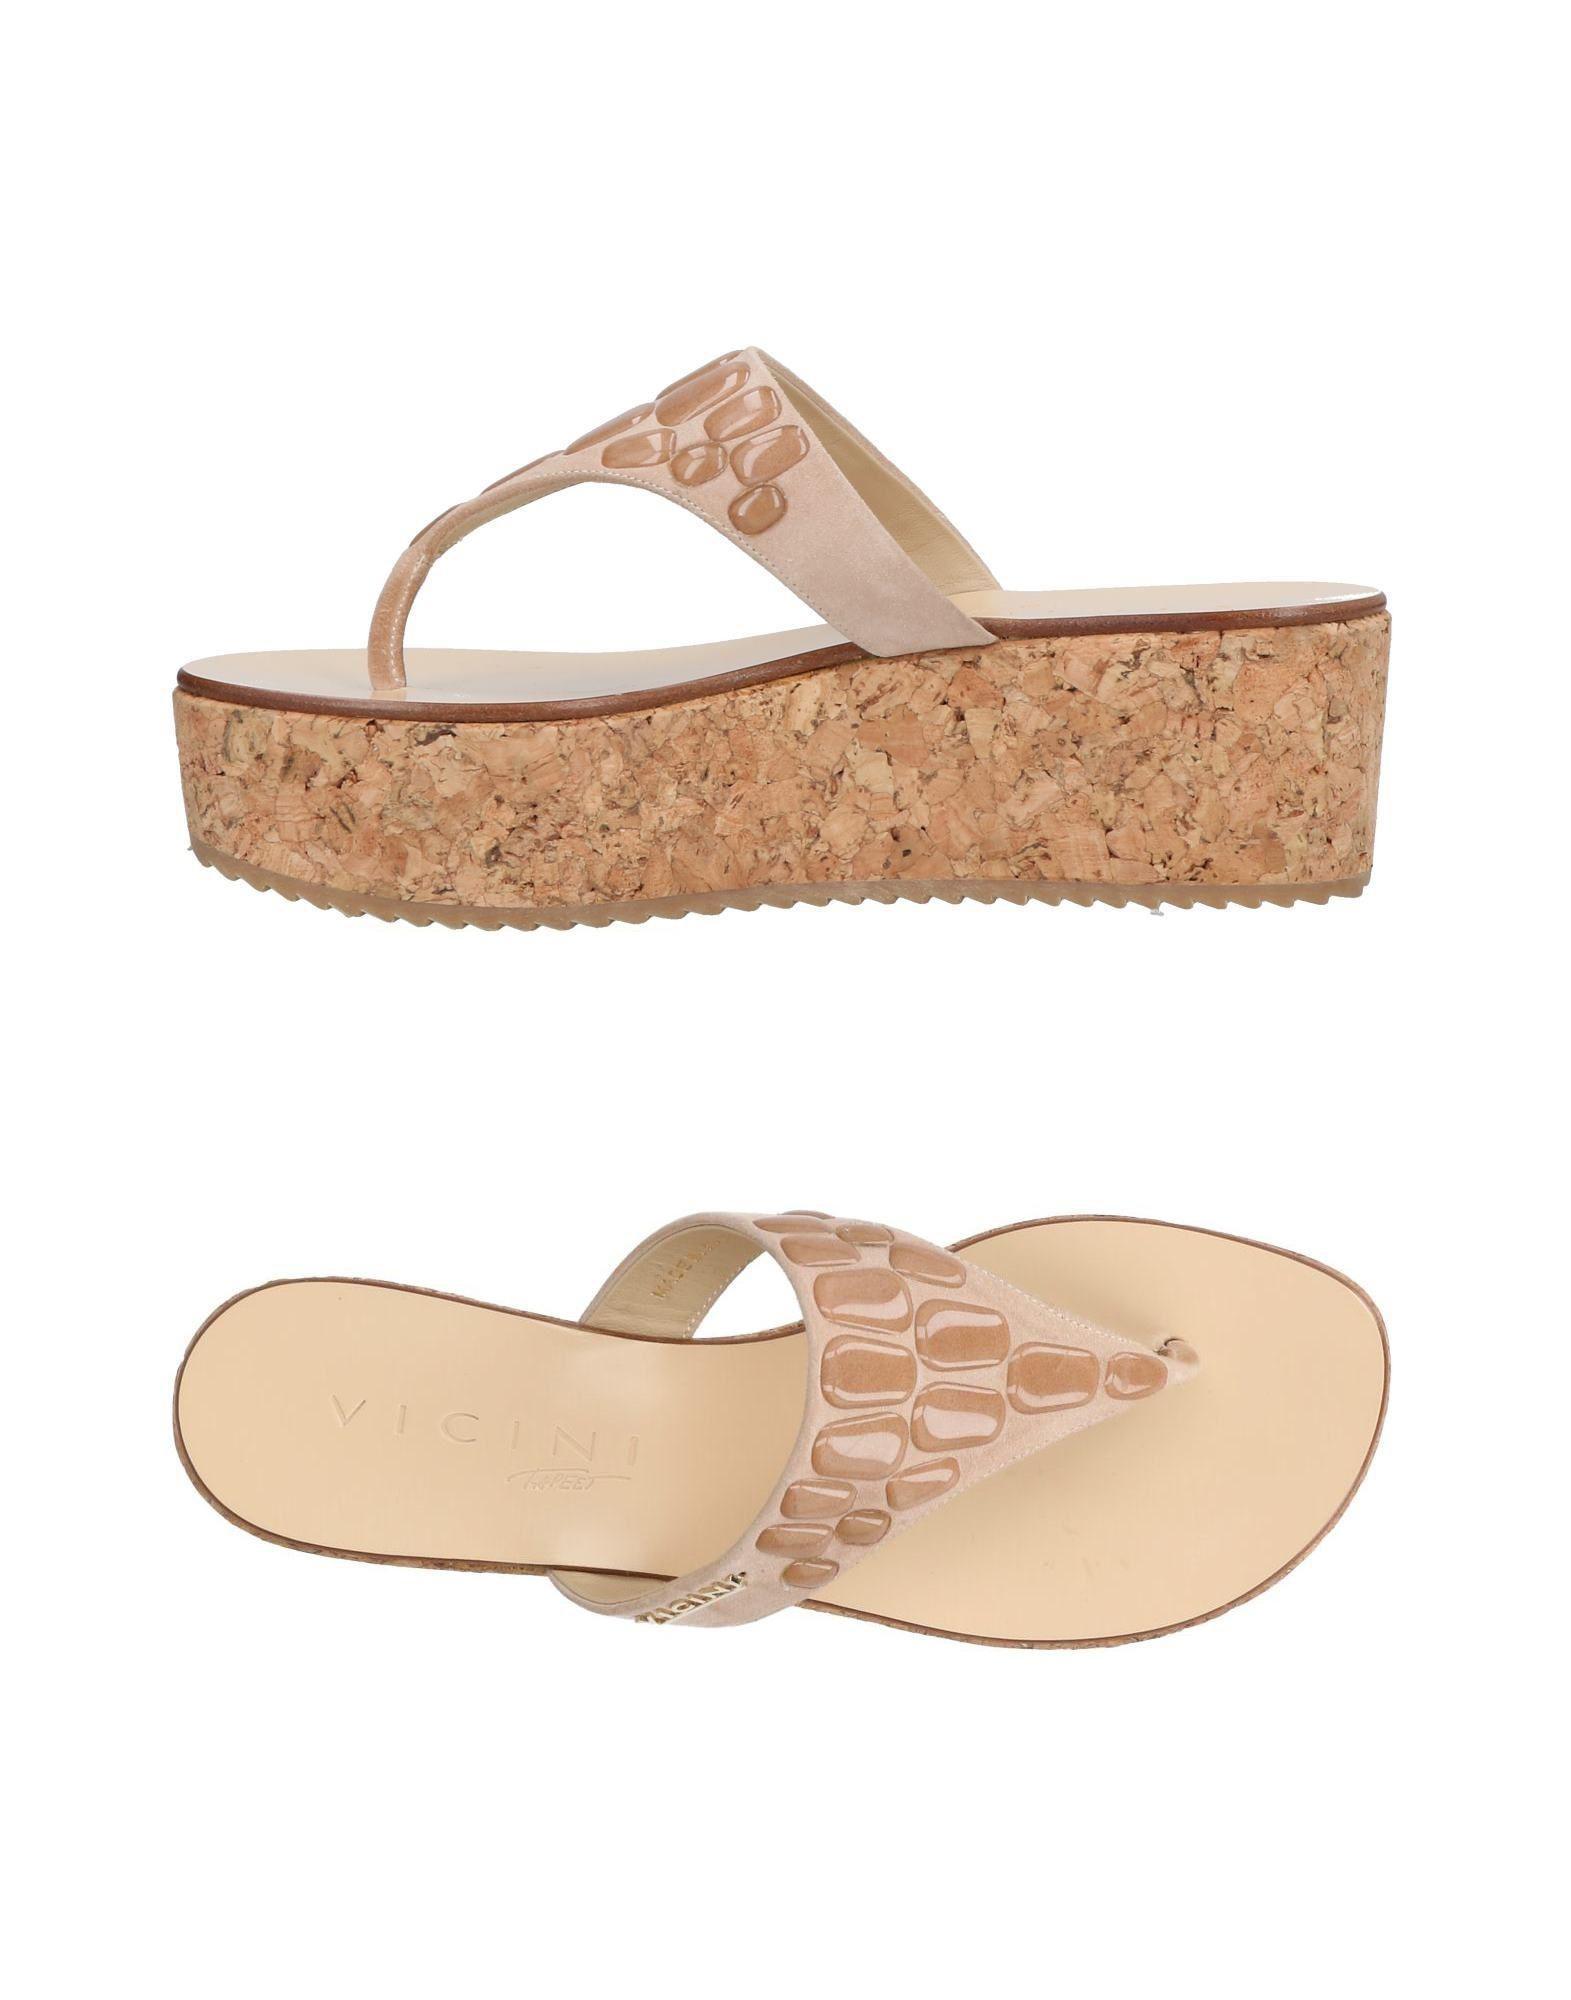 FOOTWEAR - Toe post sandals Vicini Bx1Yc3q4m1